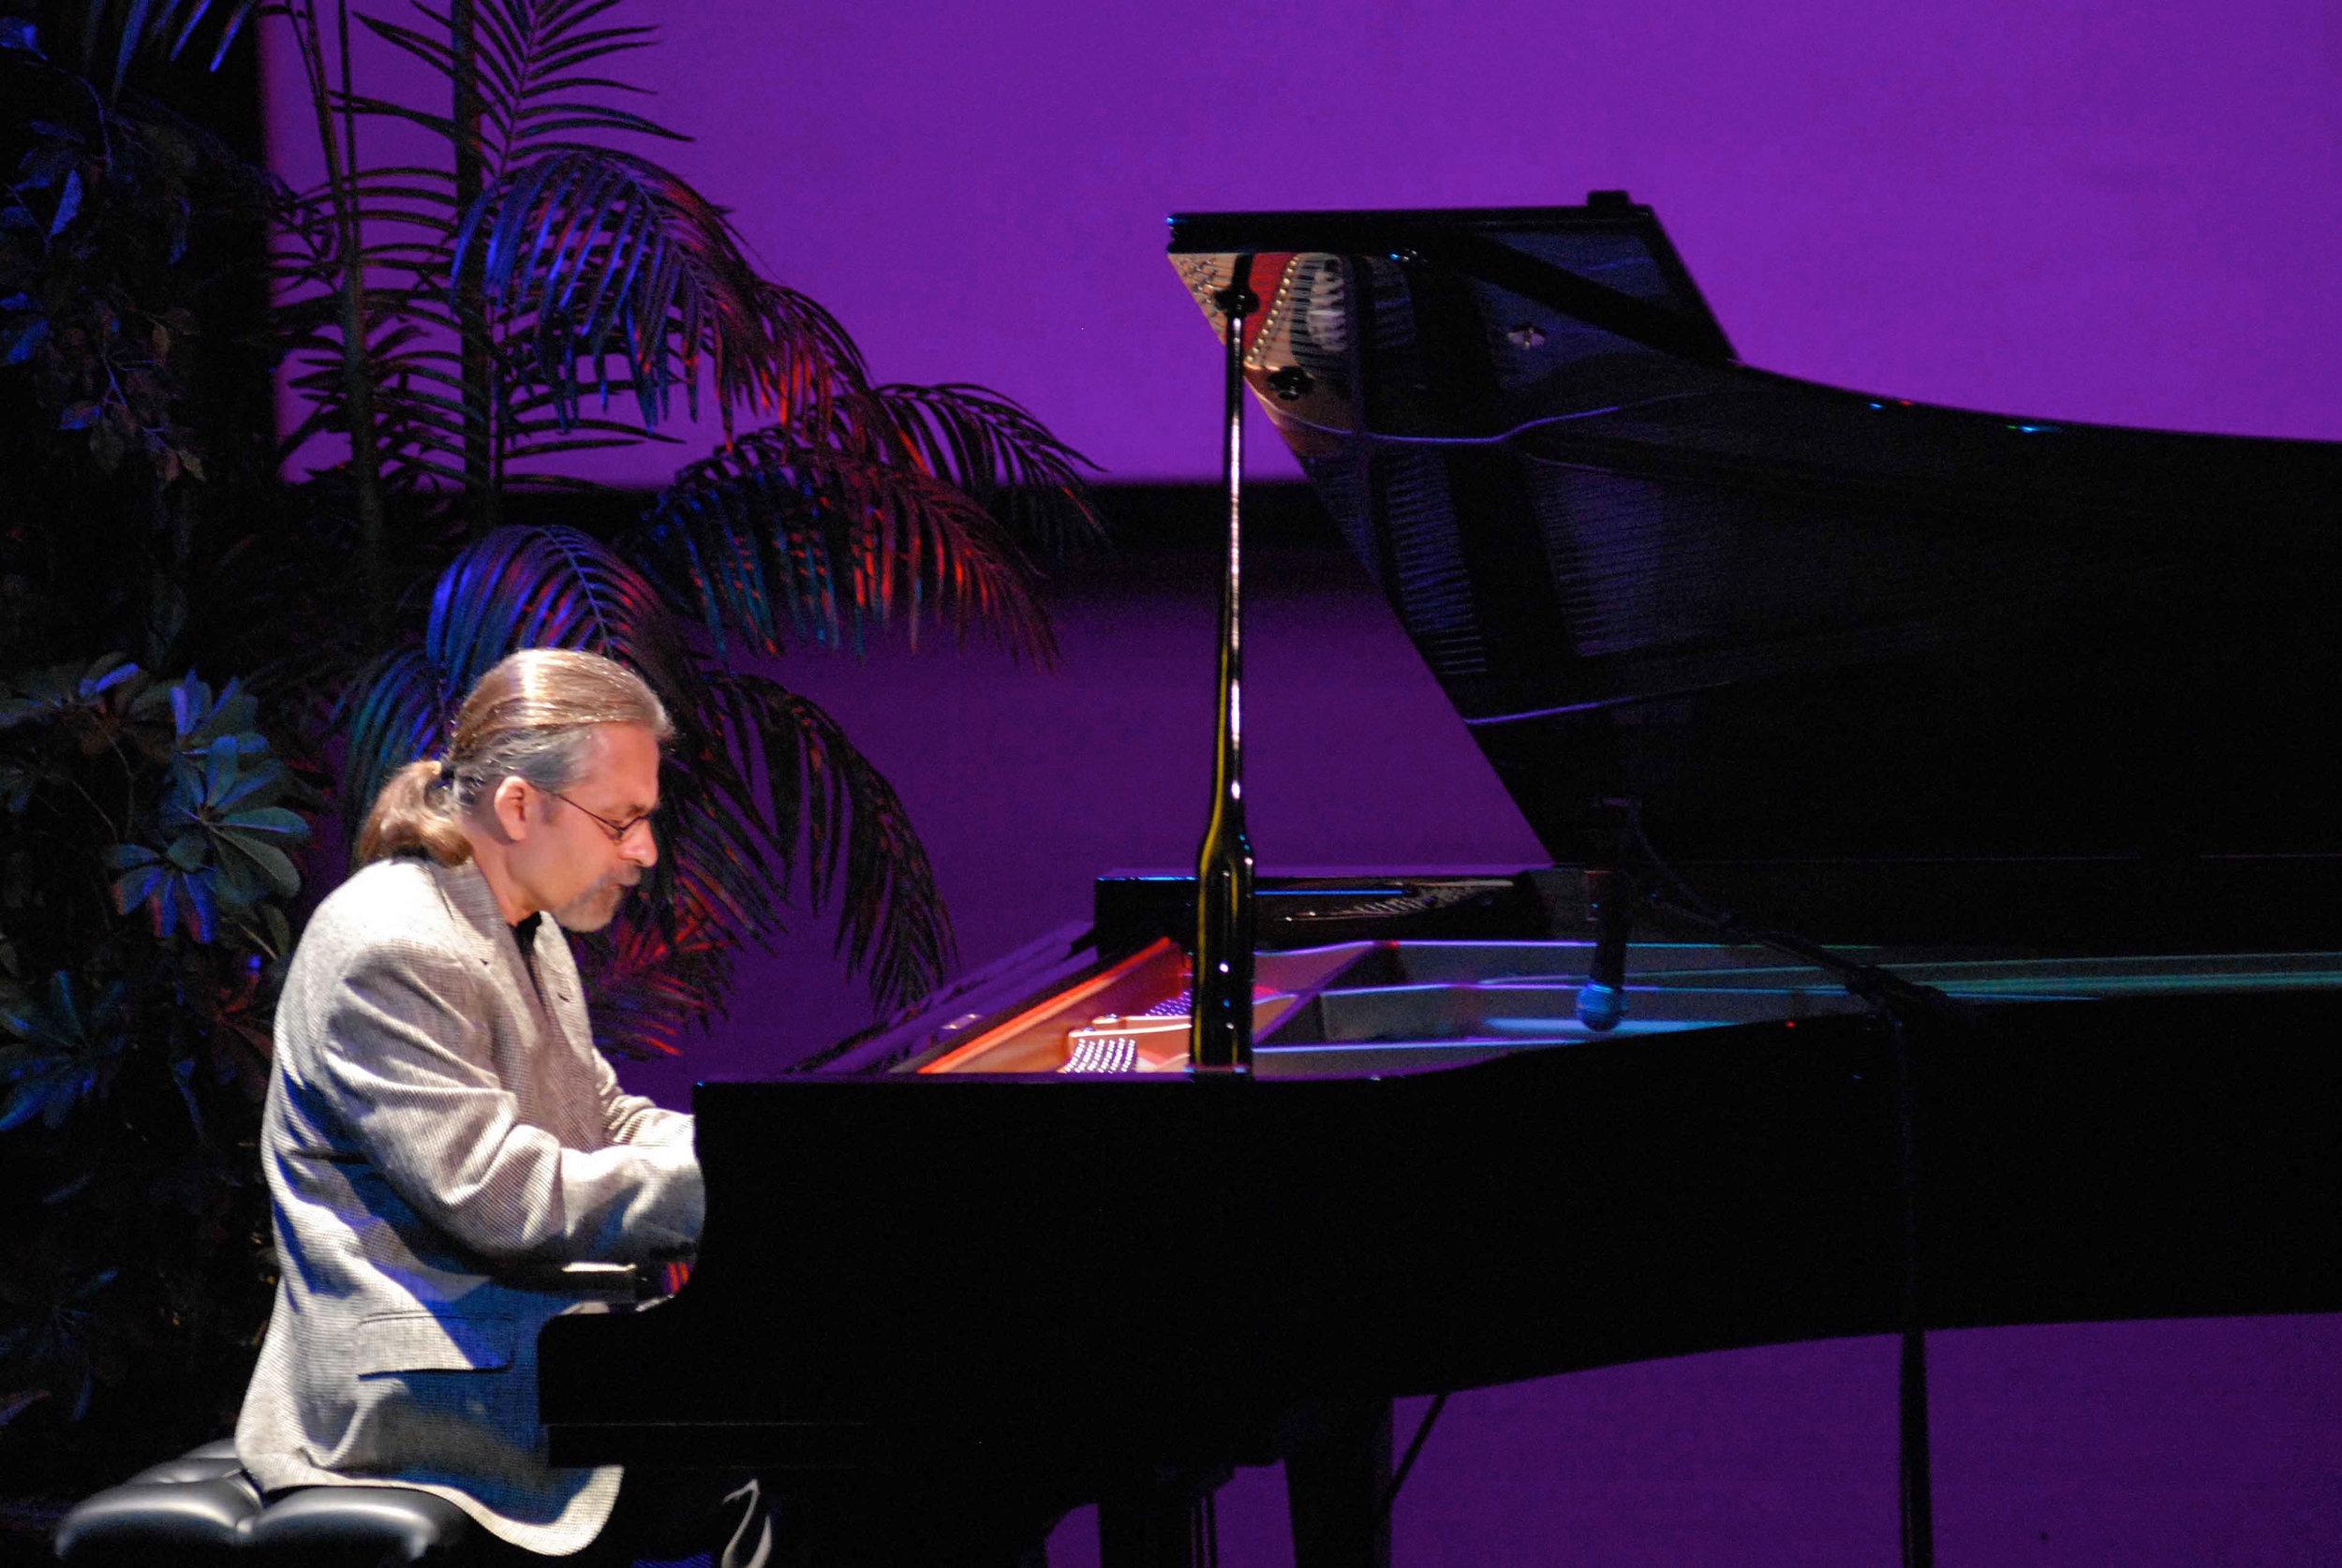 Jazz pianist in concert